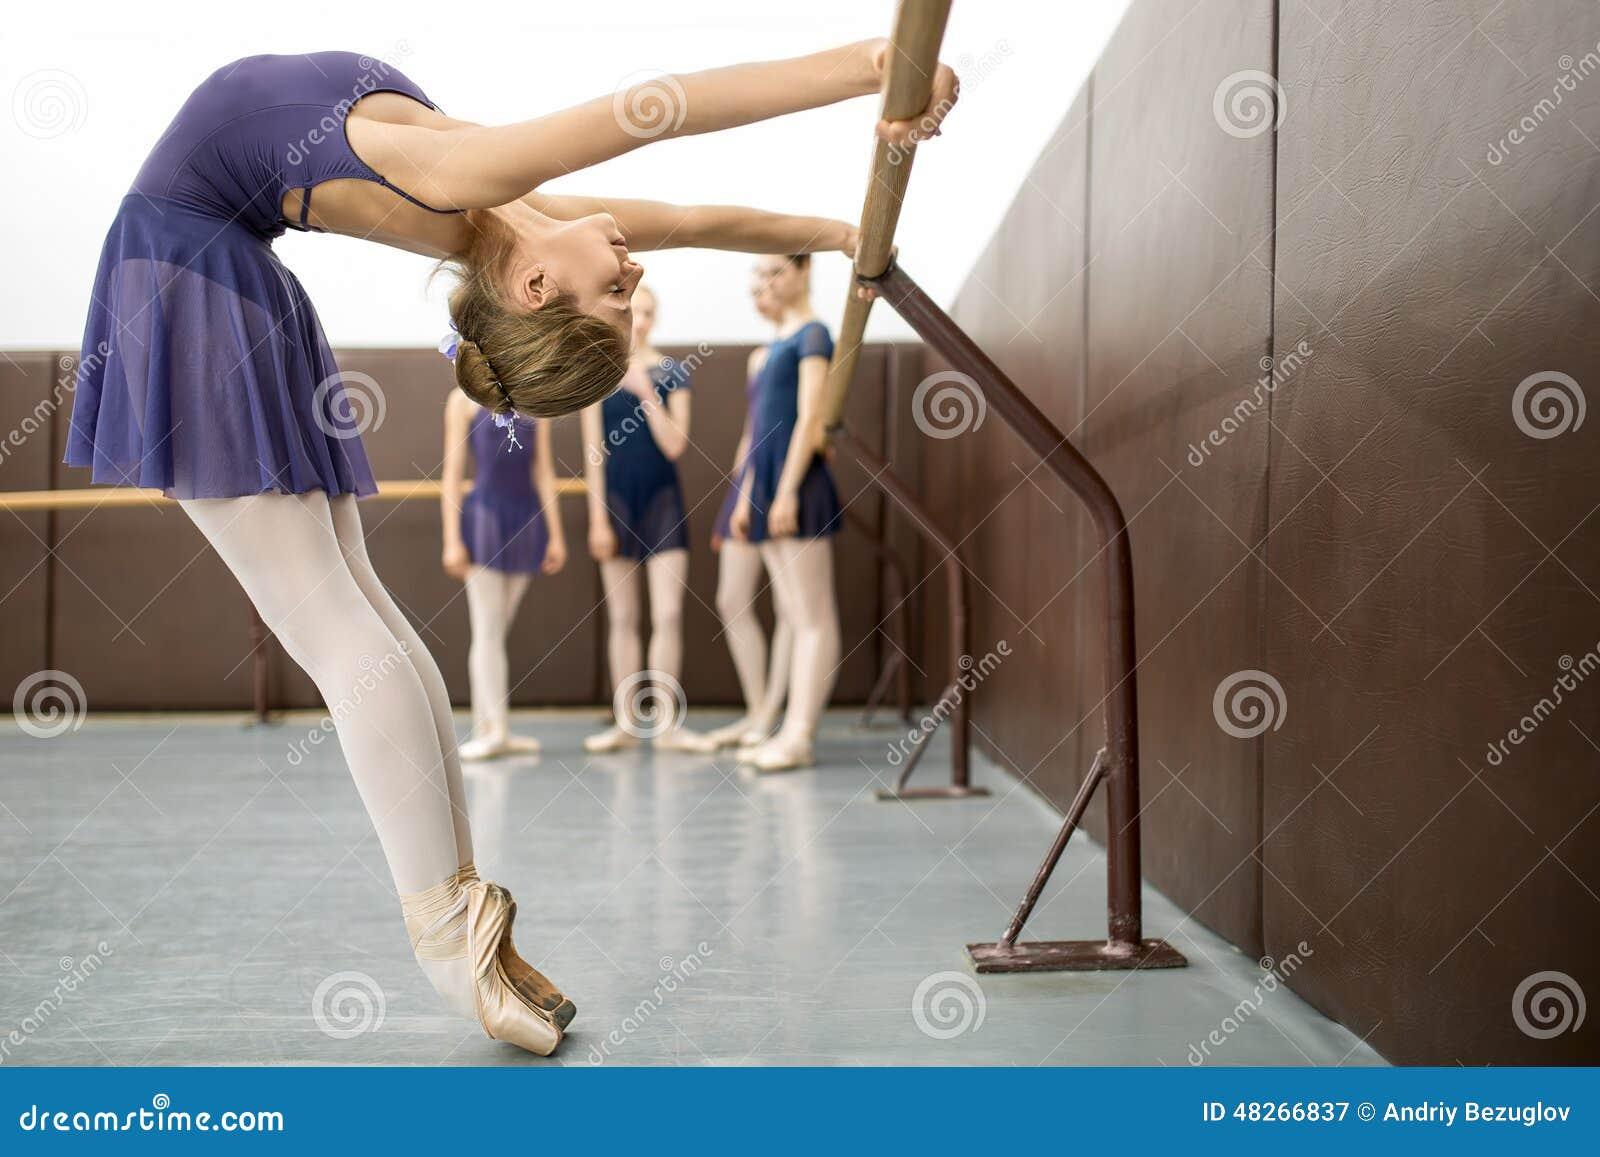 Тренировка балерин фото 3 фотография